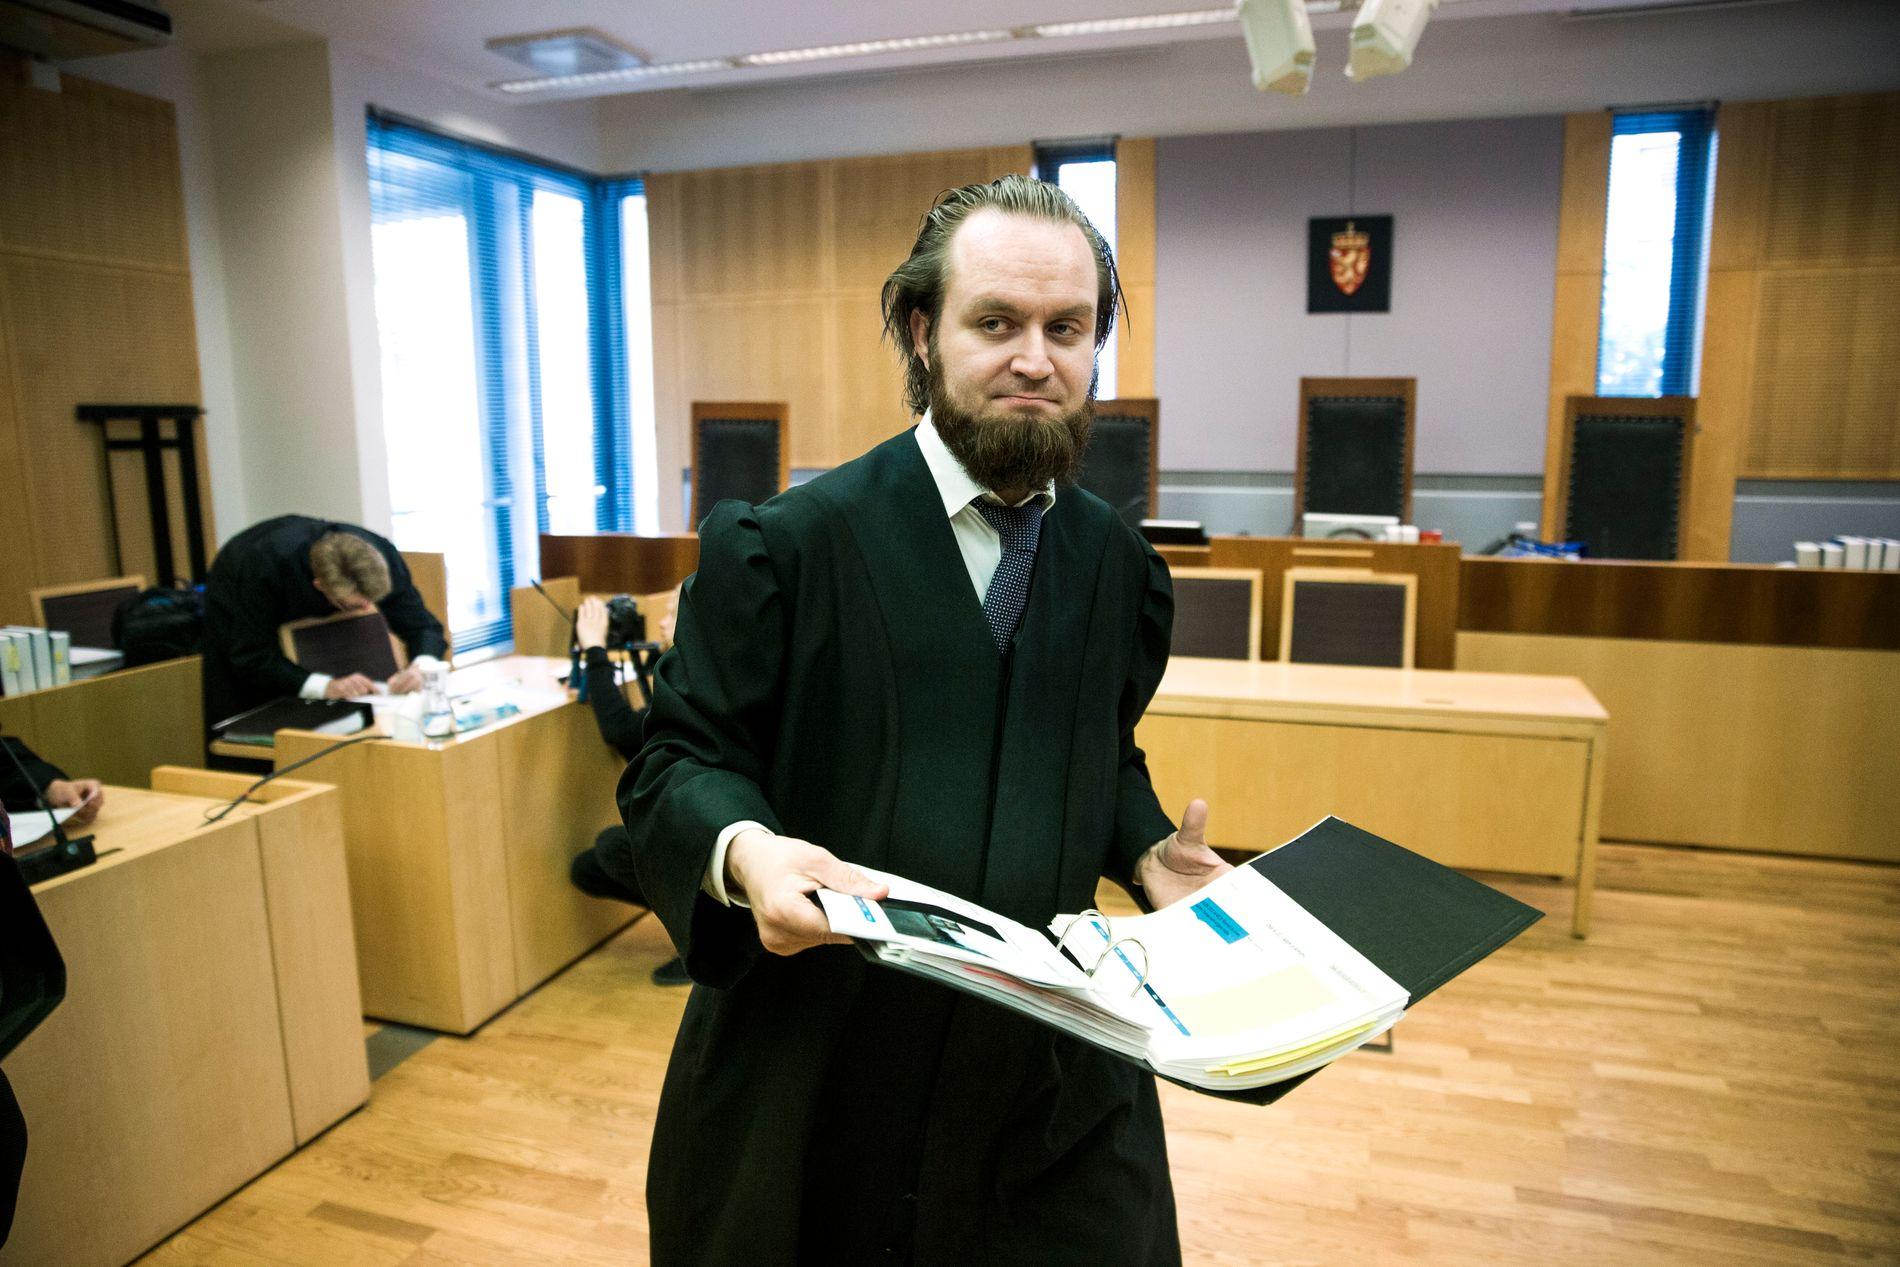 FORNØYD: Advokat Nils Christian Nordhus er tilfreds med den ferske avgjørelsen om at familievoldssaken nå skal føres for retten på nytt.